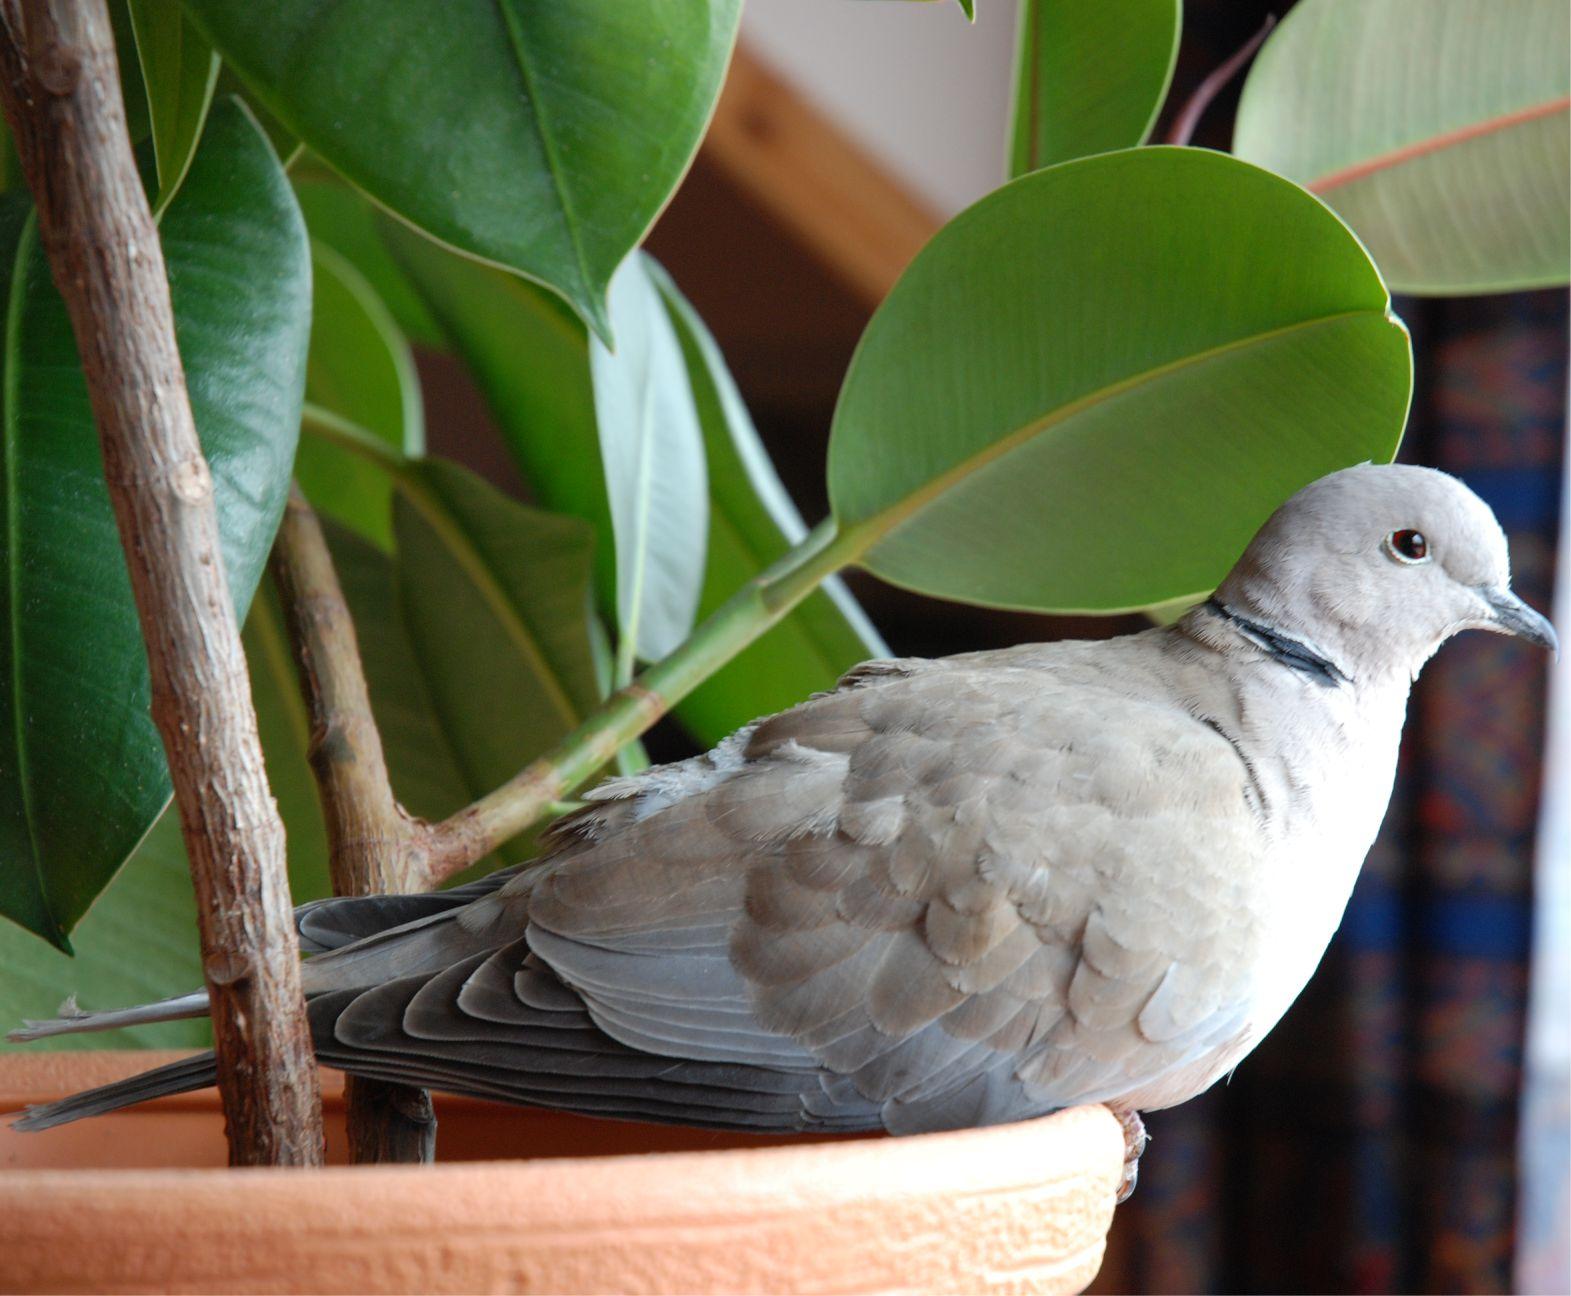 Amikor hazahoztuk ezt a sérült madárkát, nem gondolkodtunk azon, hogy ennek vajon milyen kedvező hatása lesz... A rövidtávon két kedvező hatása is volt: 1: nagyon sok örömet okozott nekünk, 2: megtrágyázta a fikuszt...